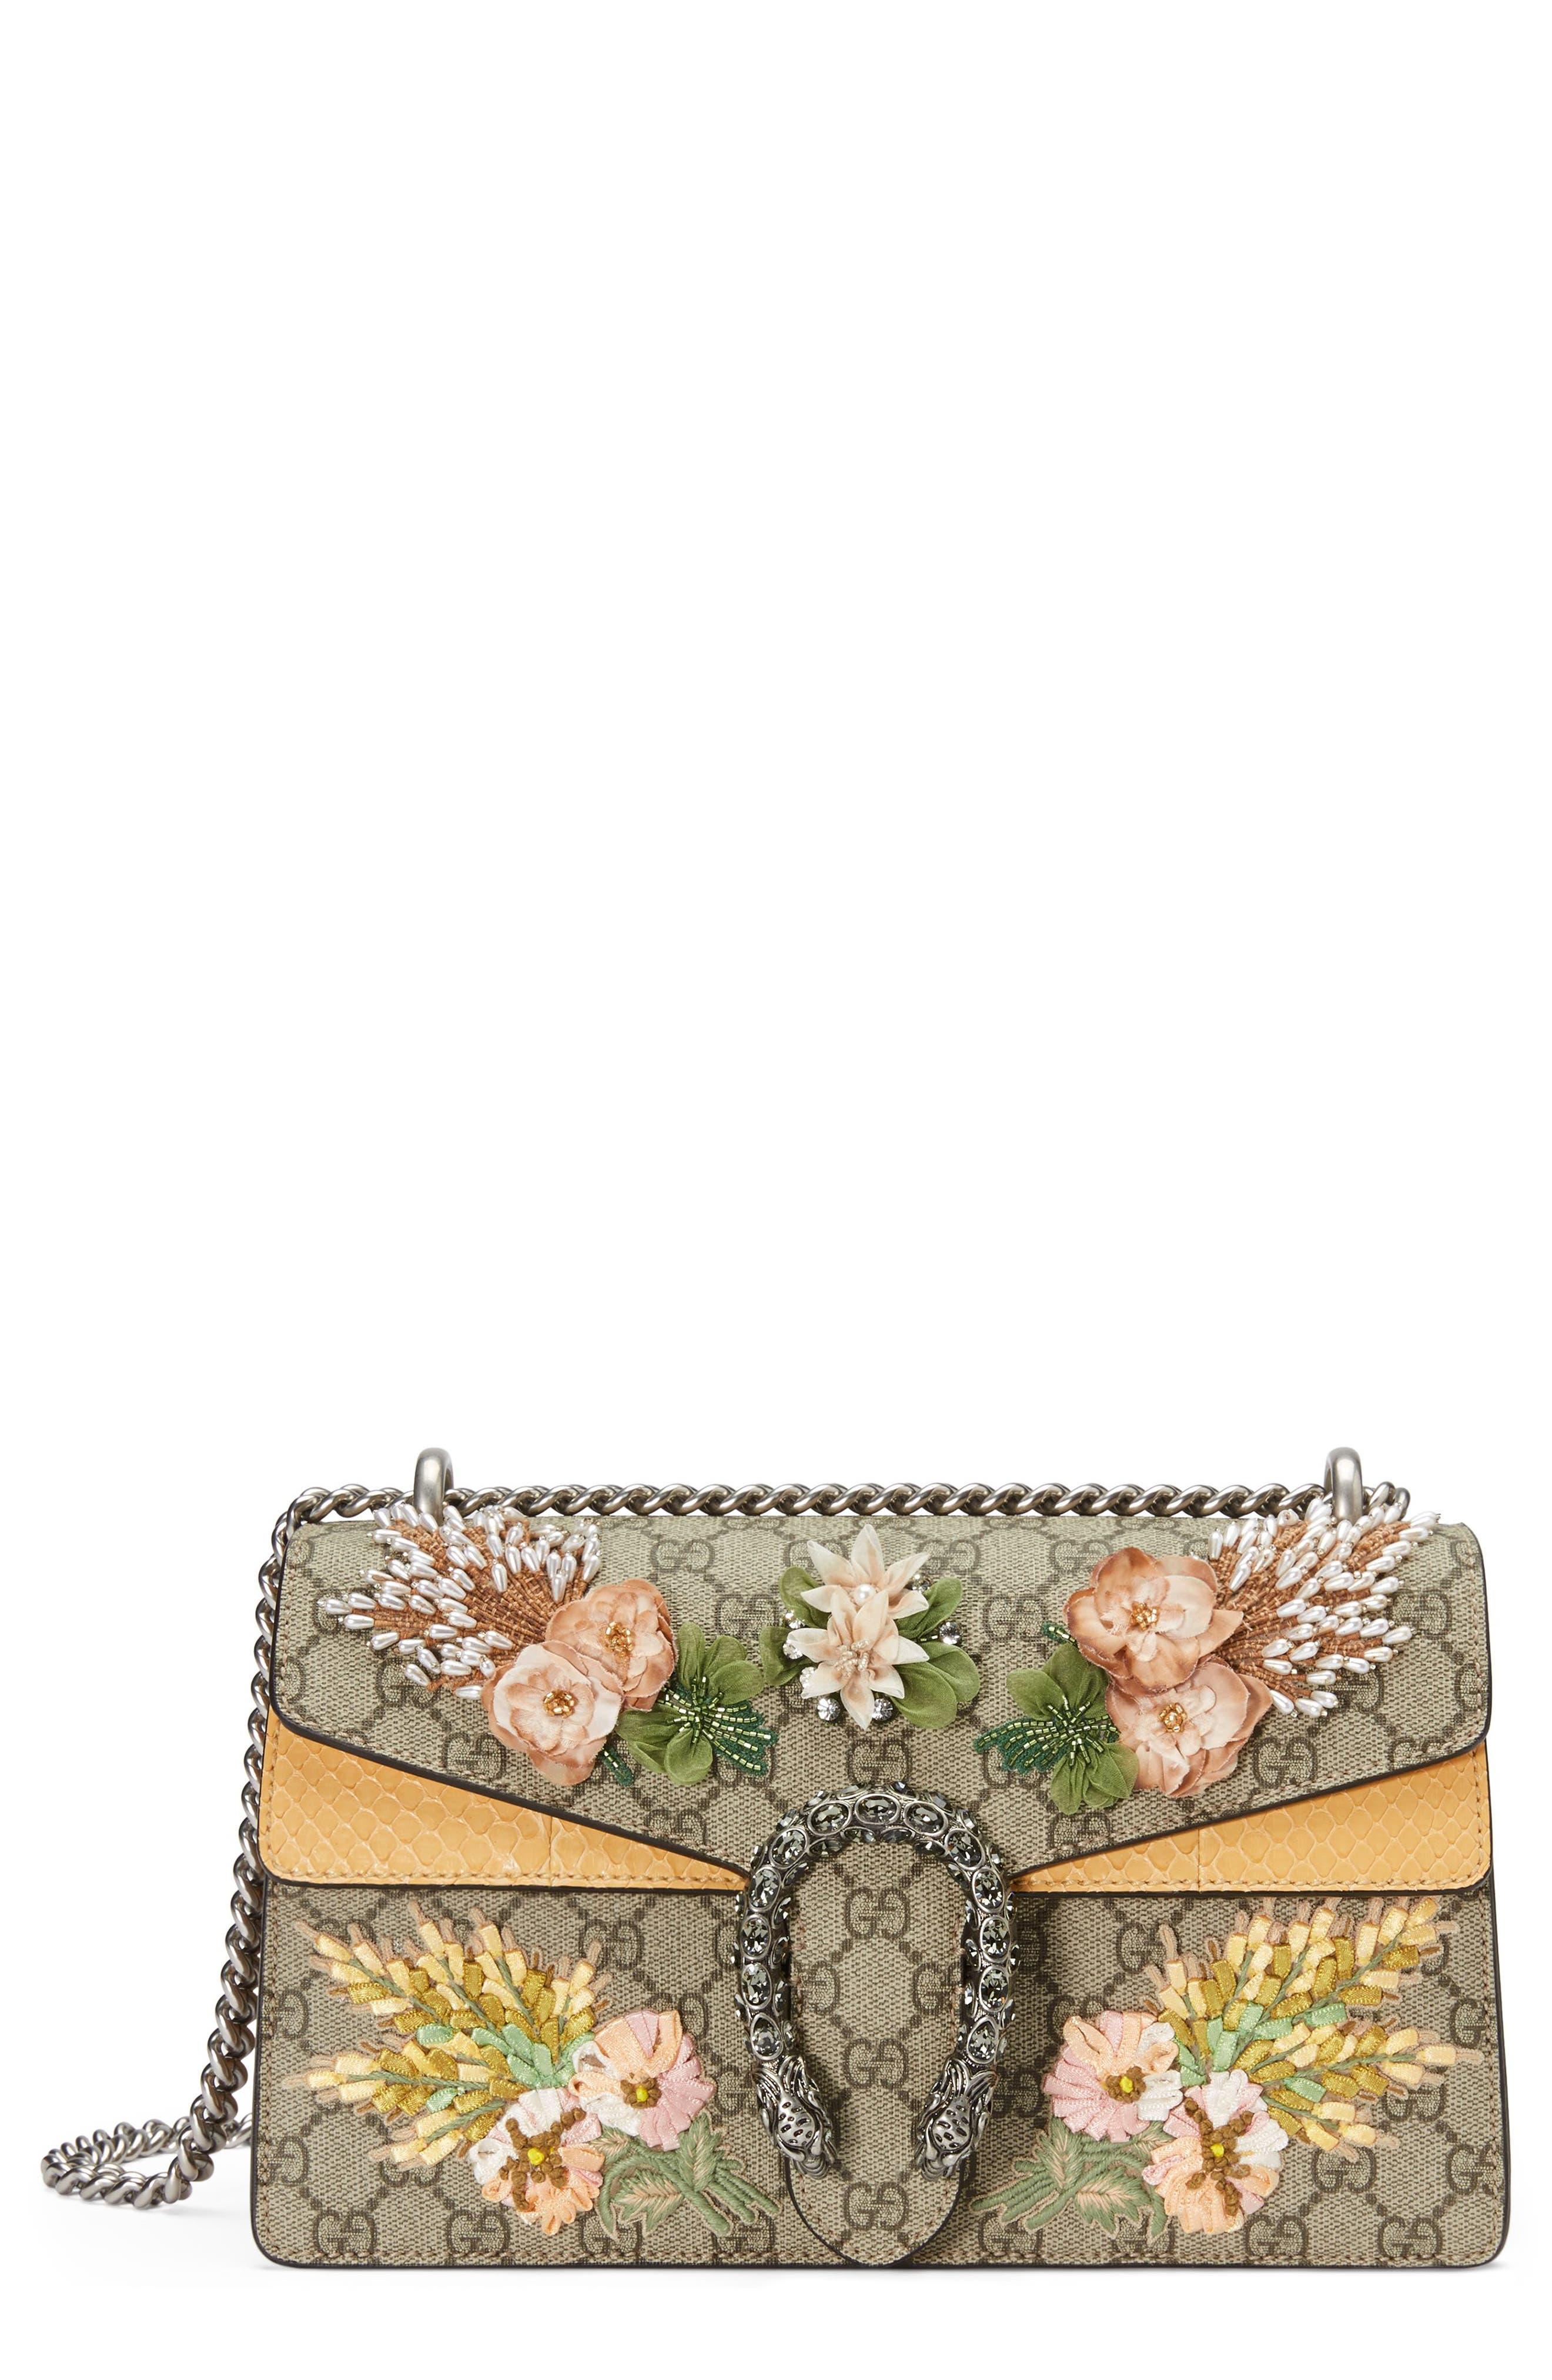 Small Dionysus Embellished GG Supreme & Genuine Python Shoulder Bag,                             Main thumbnail 1, color,                             268